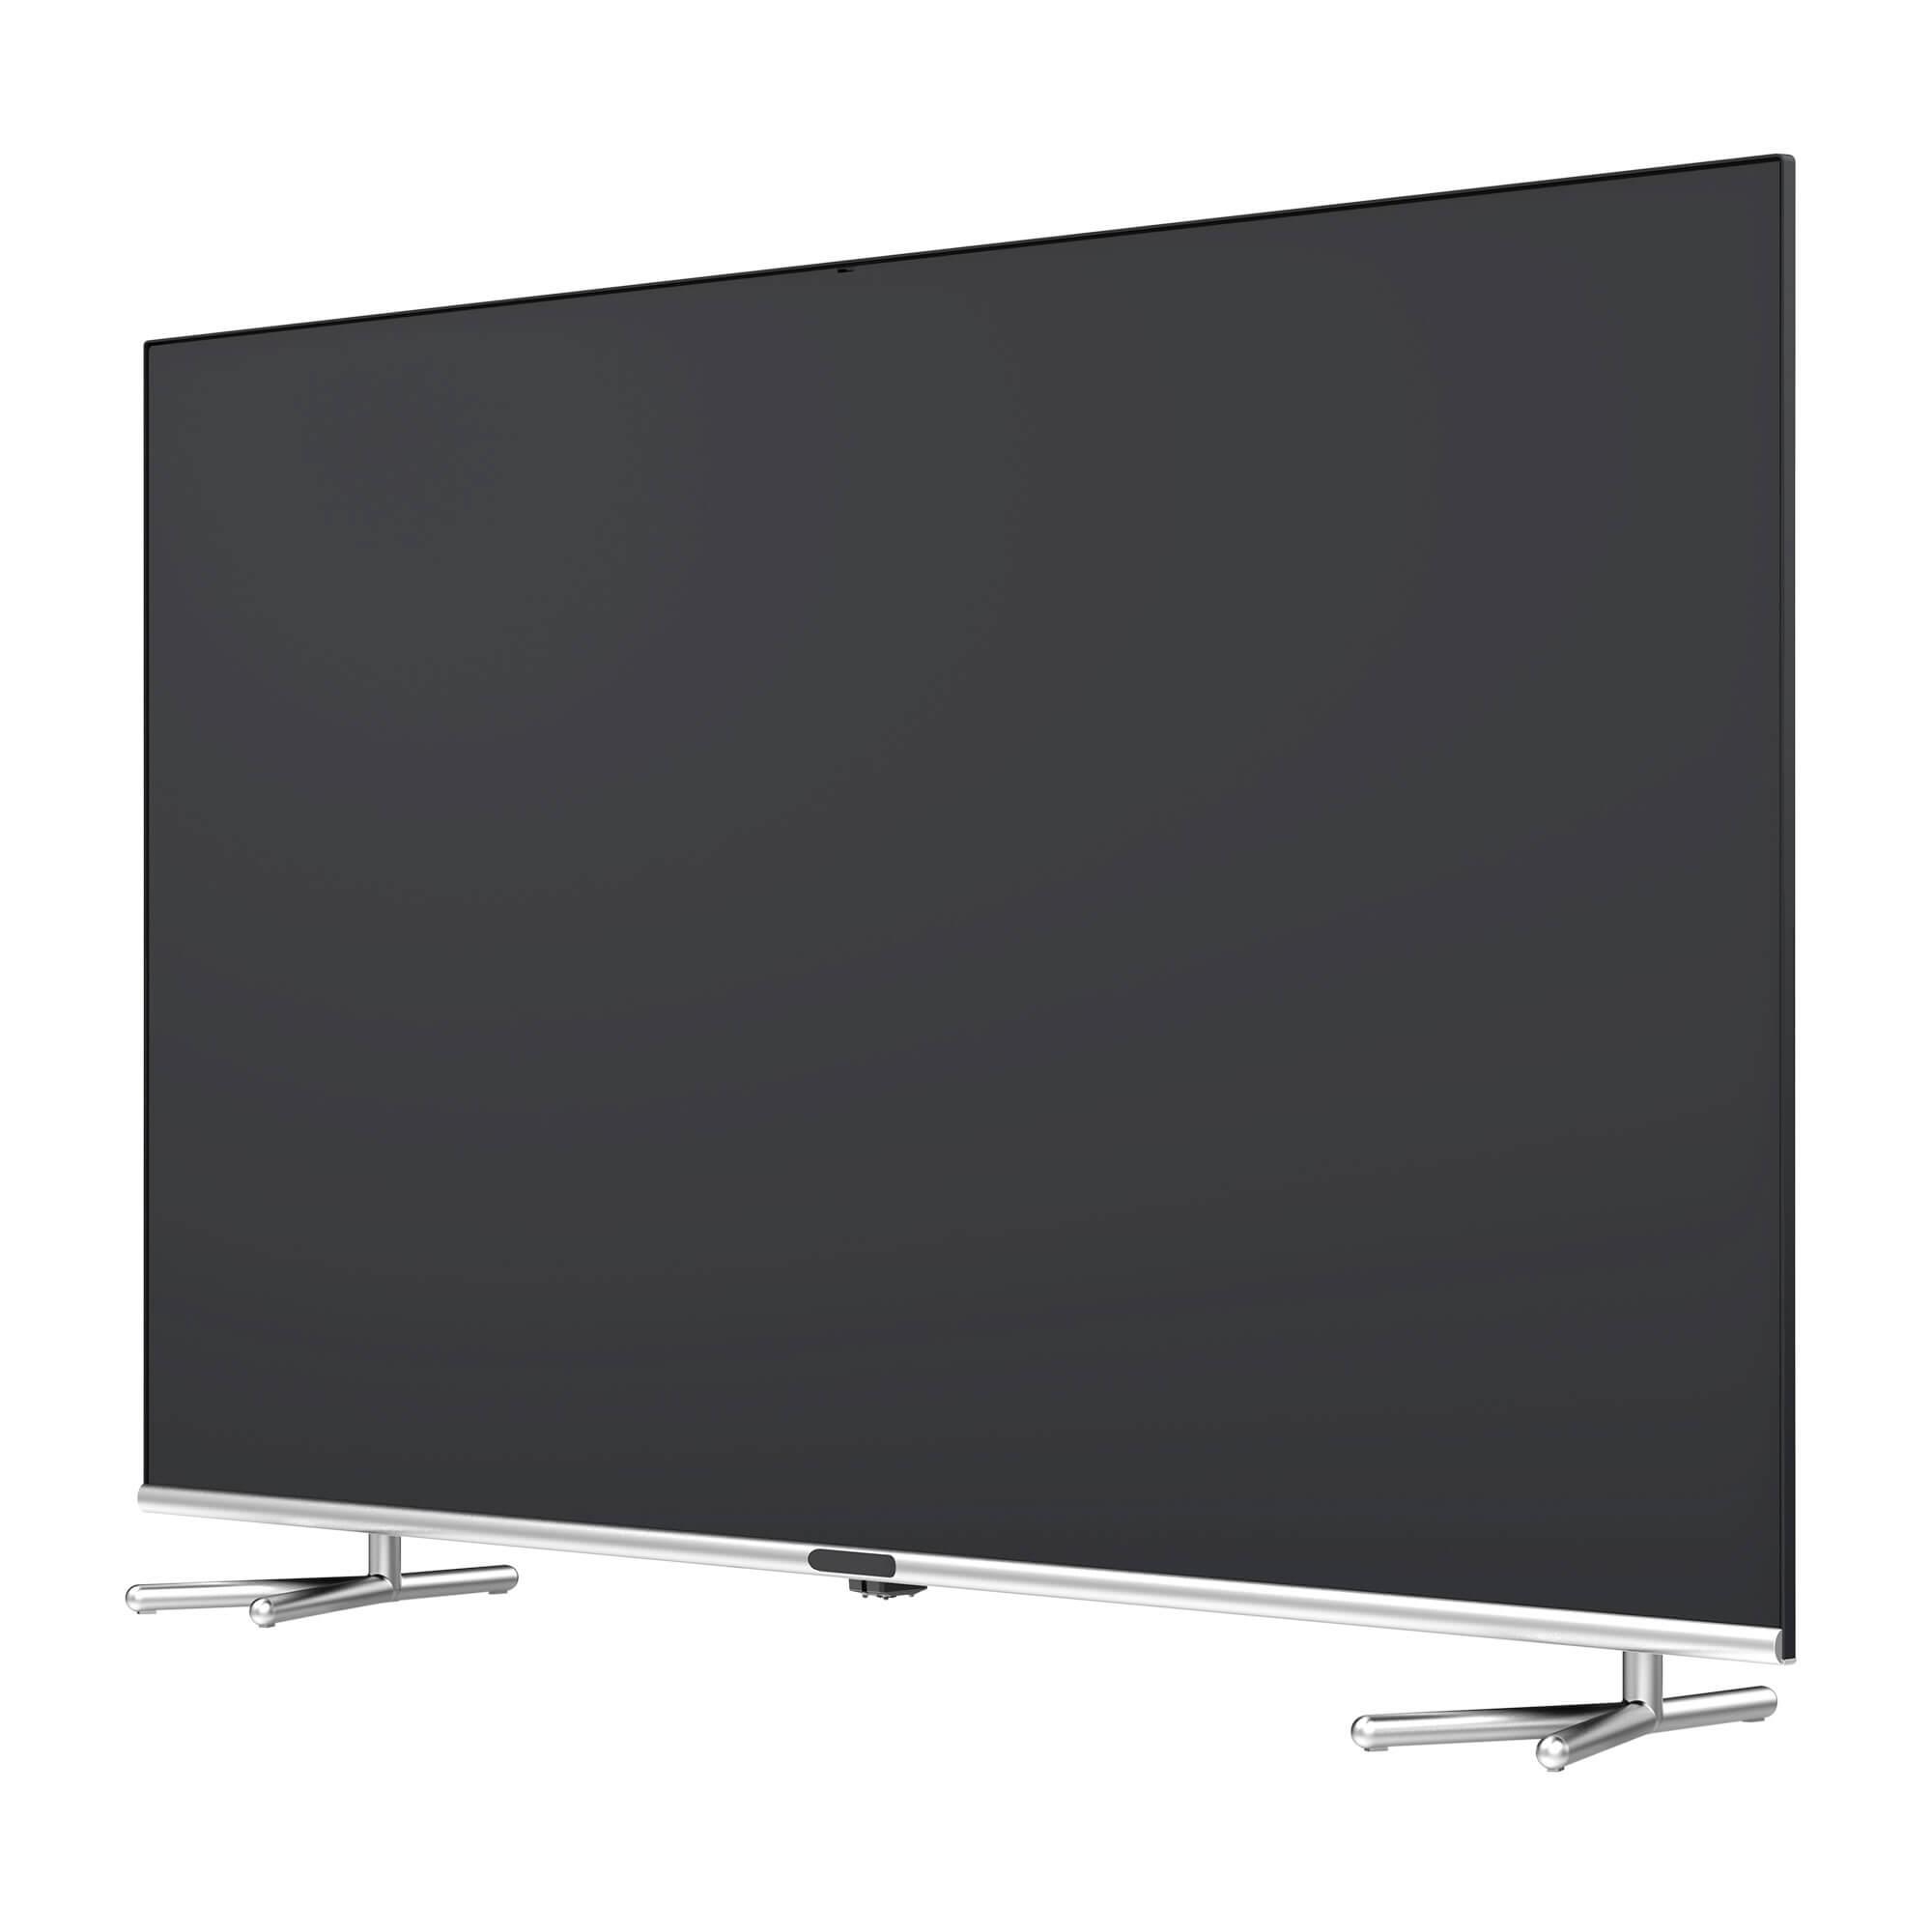 GH-TV50BG-BK